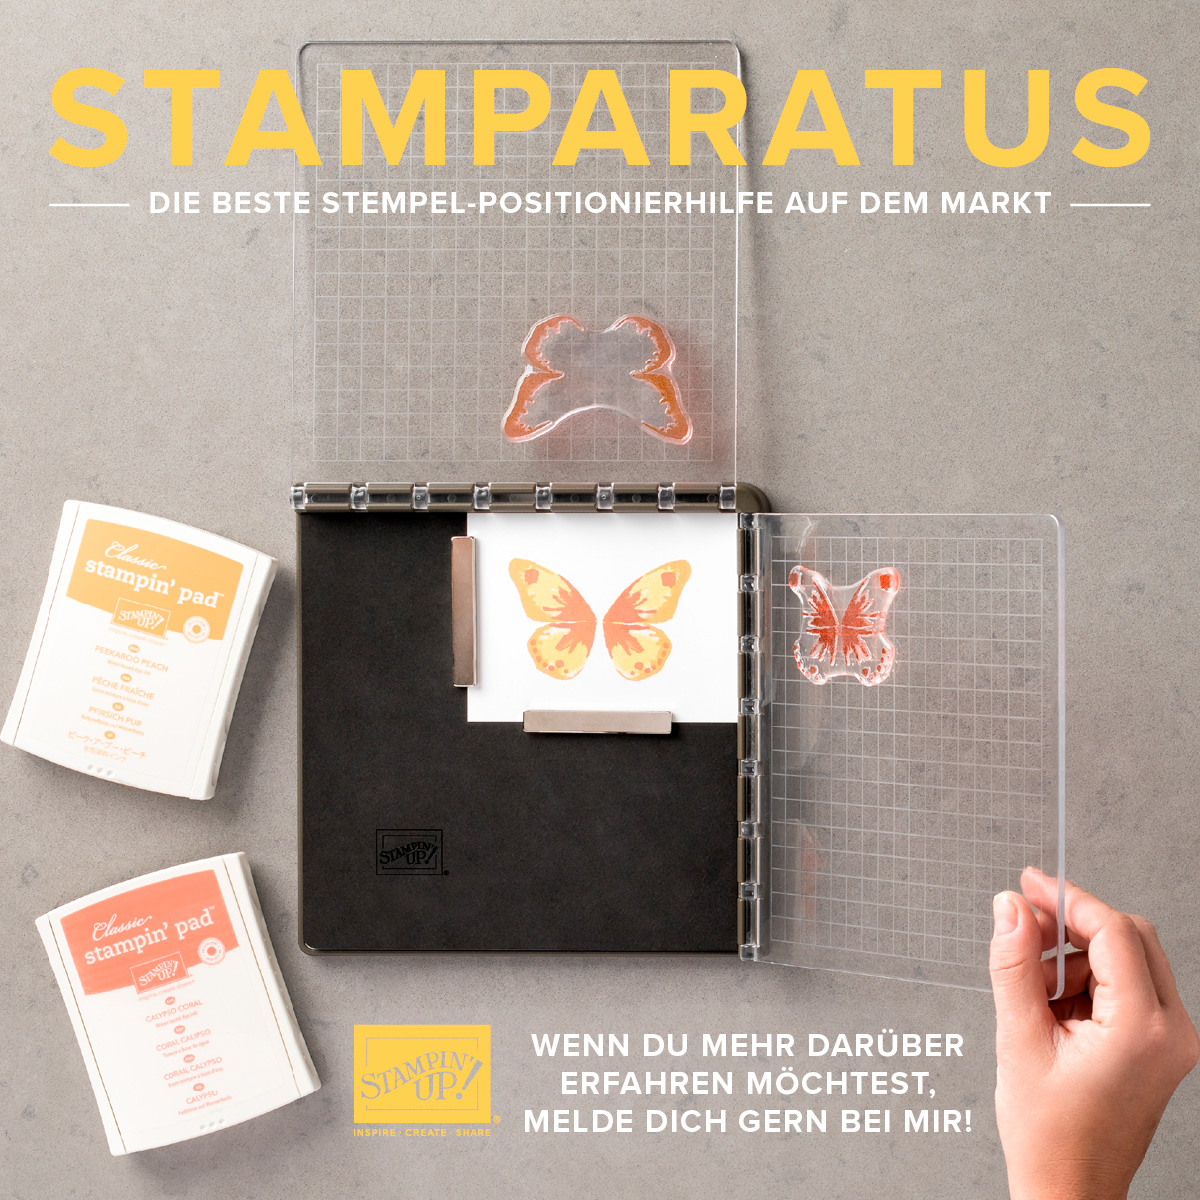 DER STAMPARATUS